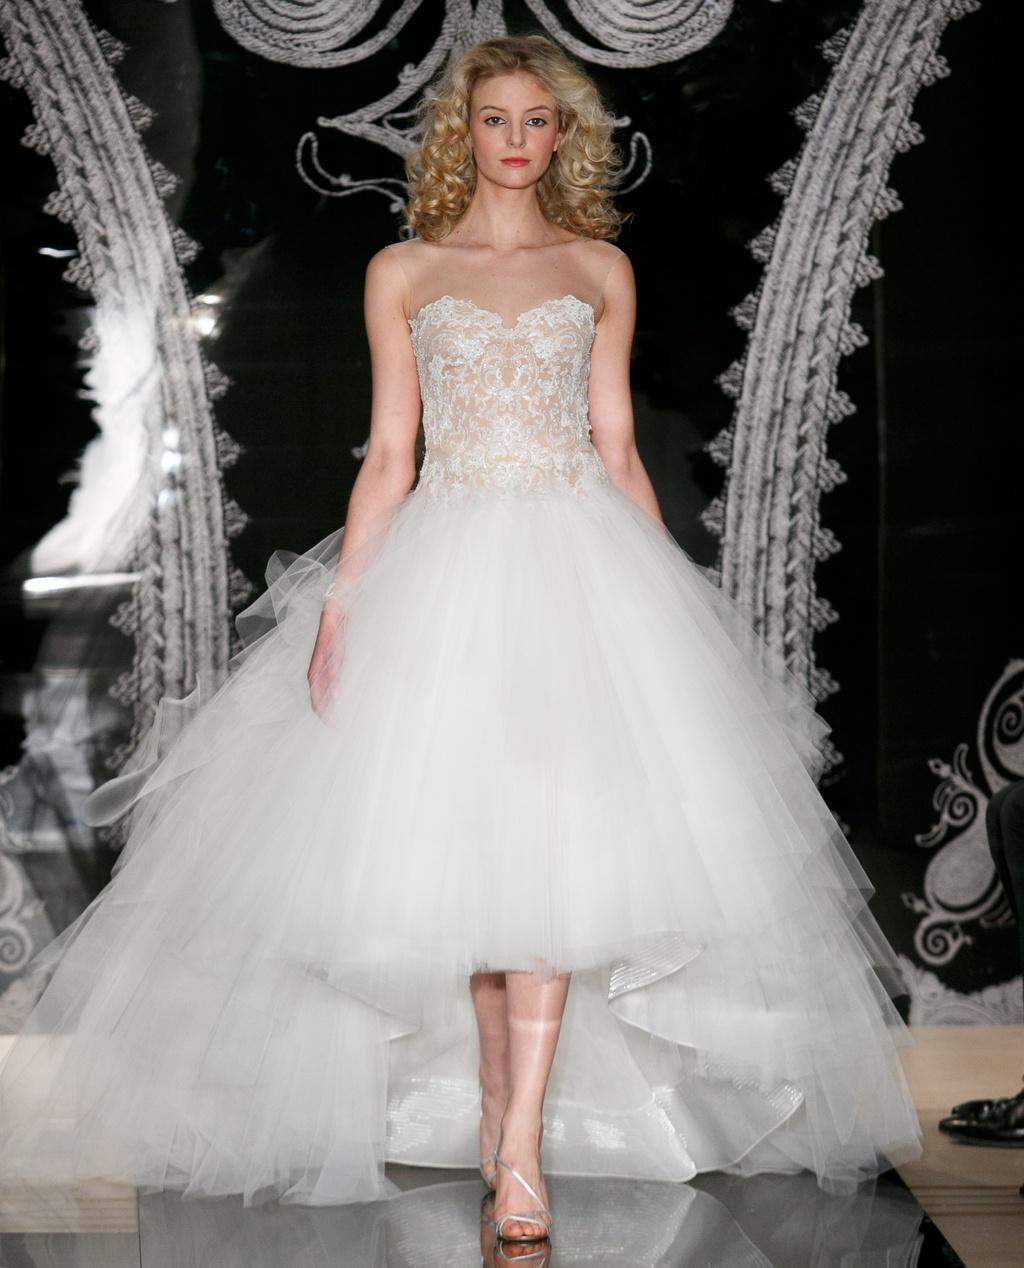 Reem-acra-wedding-dress-spring-2014-bridal-chelsea.full